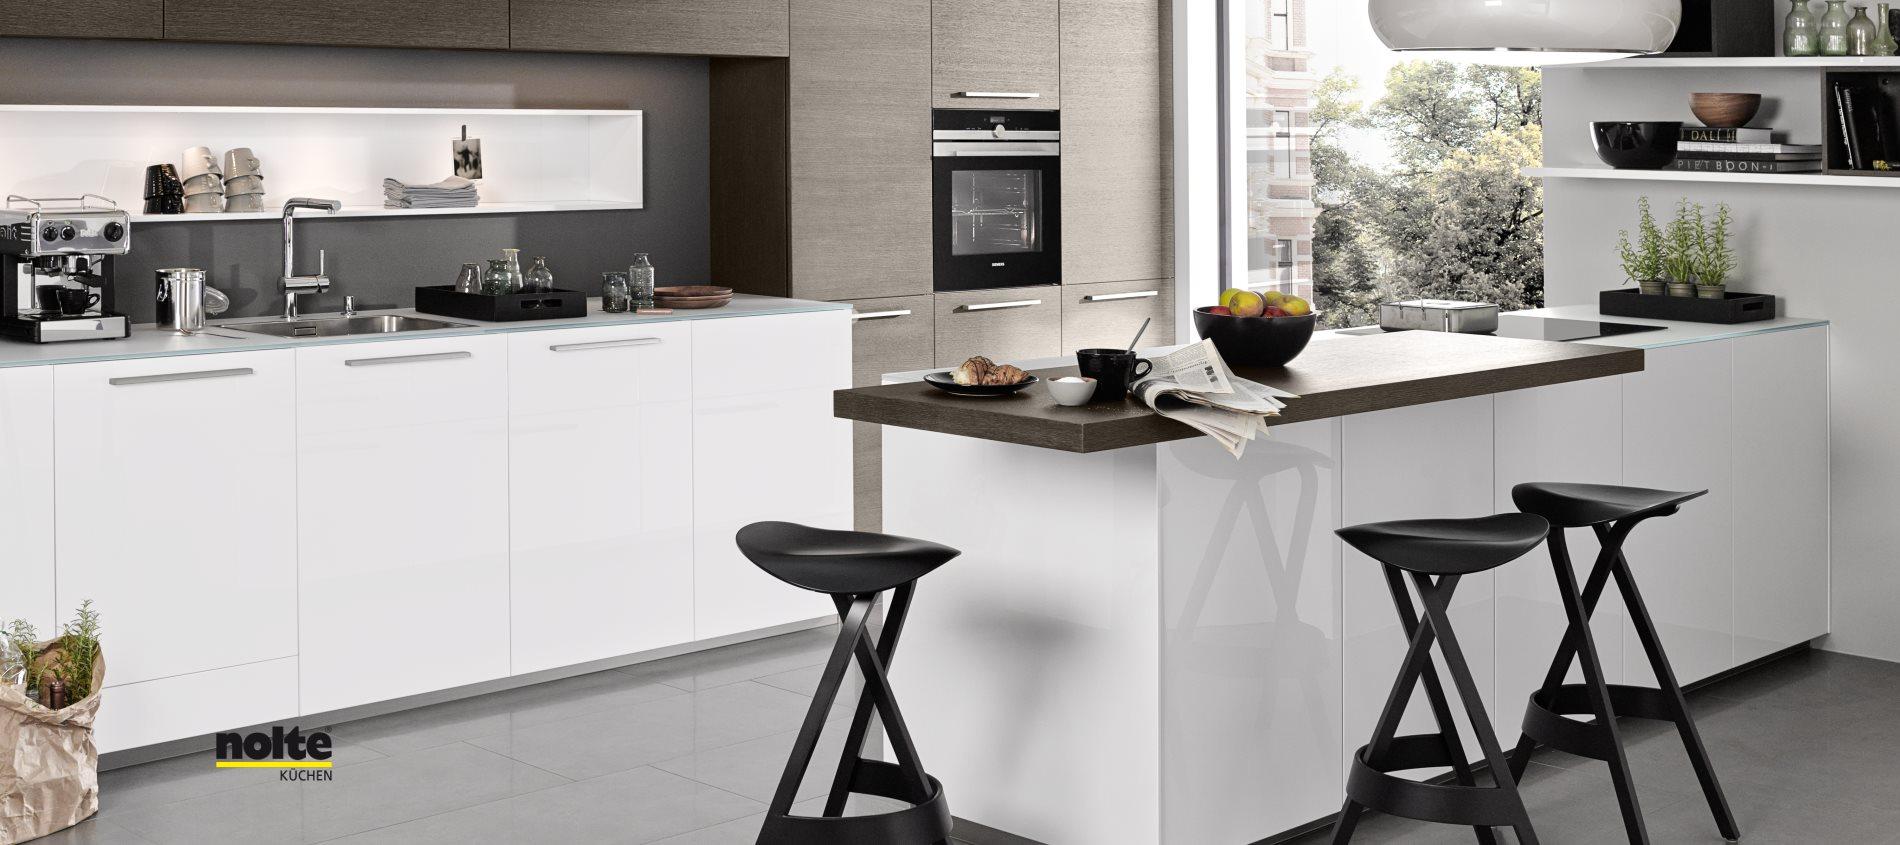 Nolte Küchen bei Ihr Küchenparadies in Weyarn